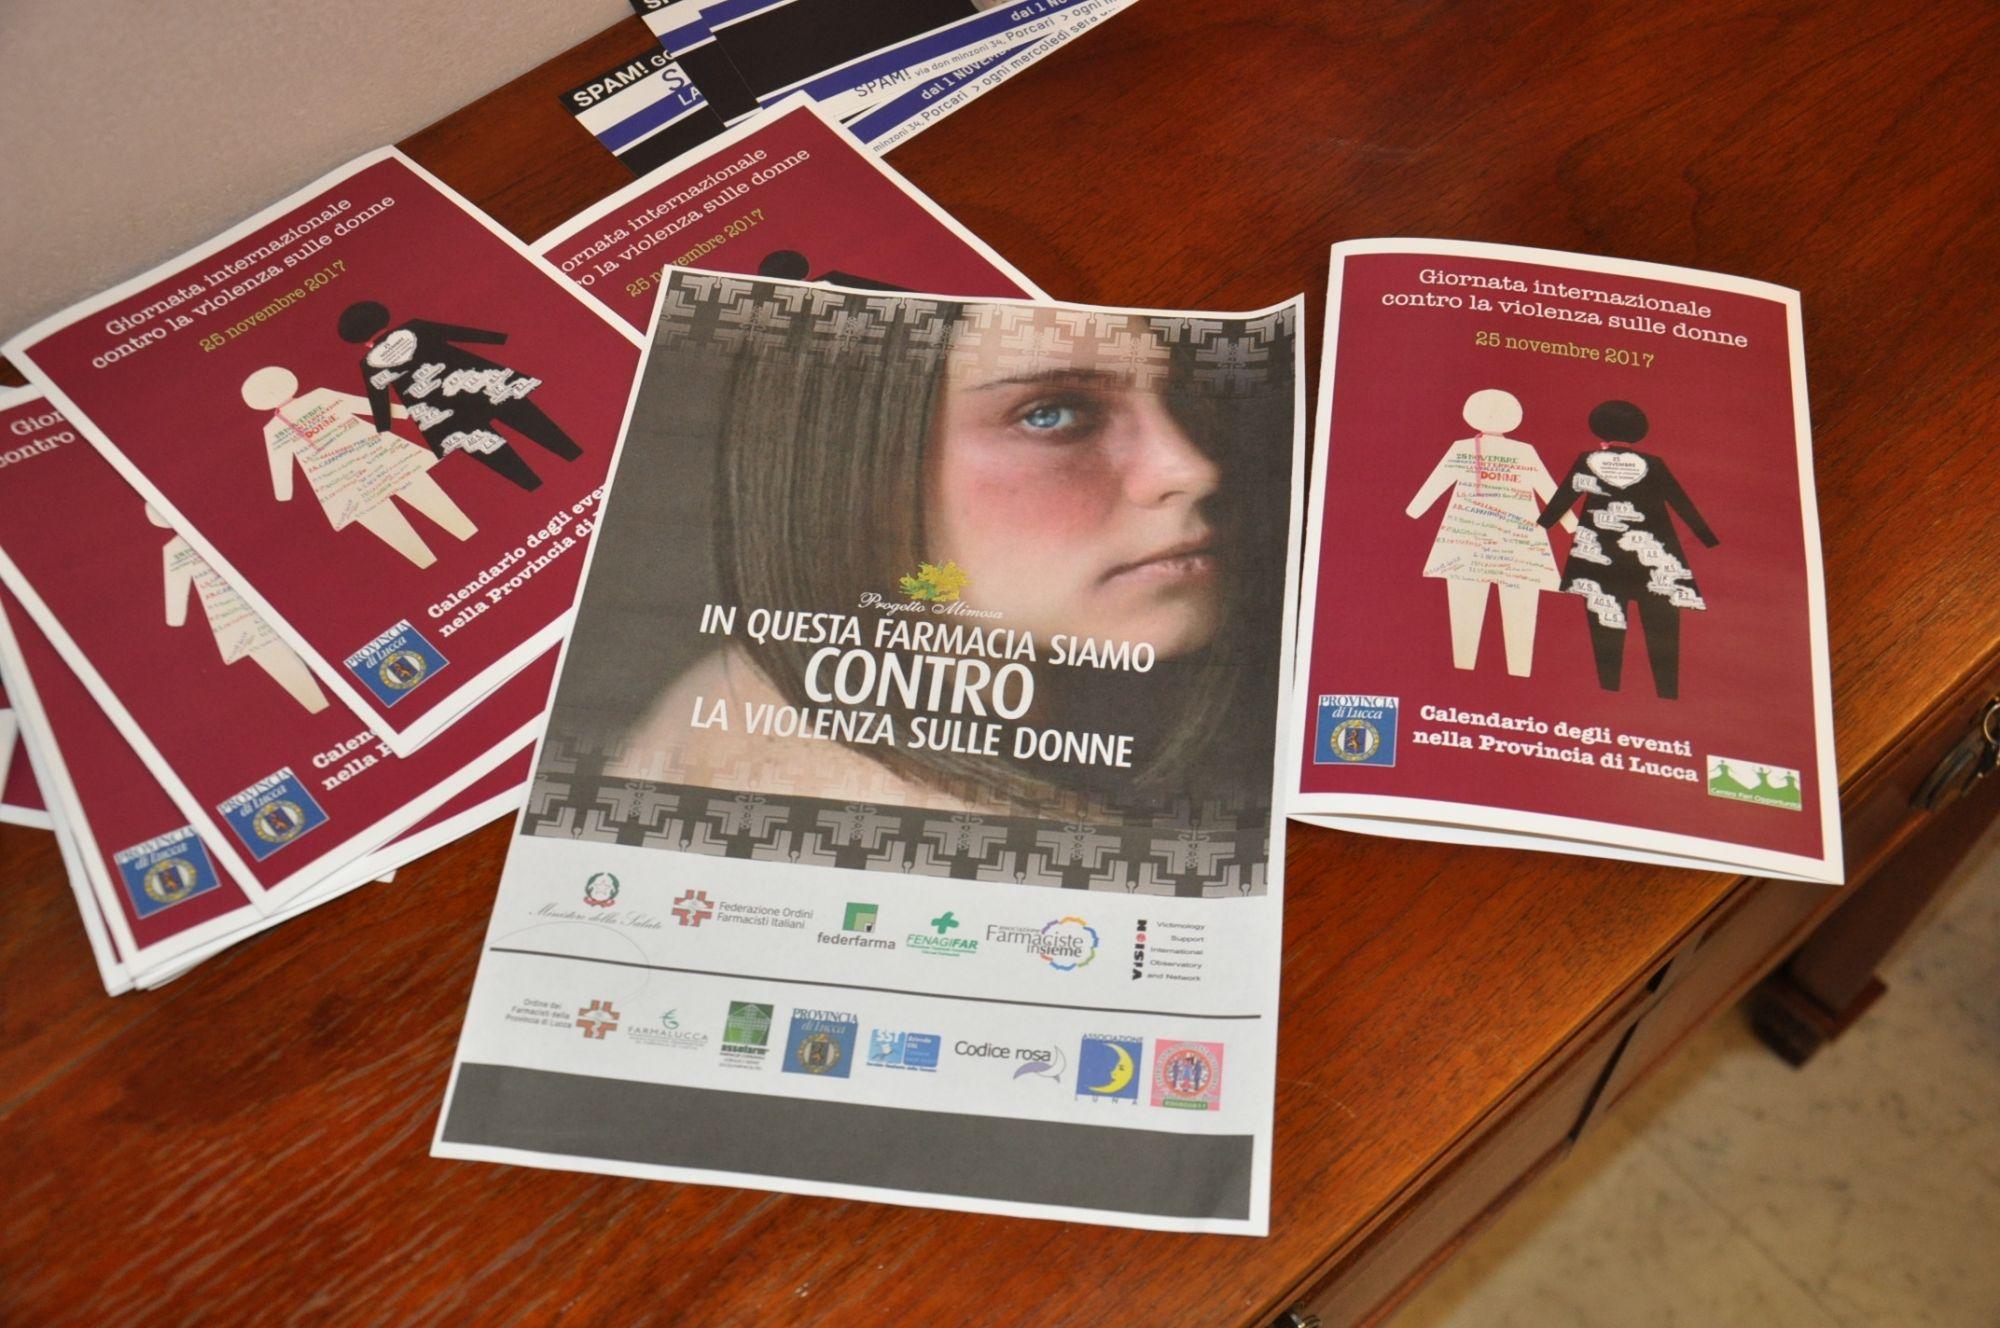 """Violenza sulle donne, al via la campagna """"Fiocco Bianco"""" in Provincia di Lucca"""